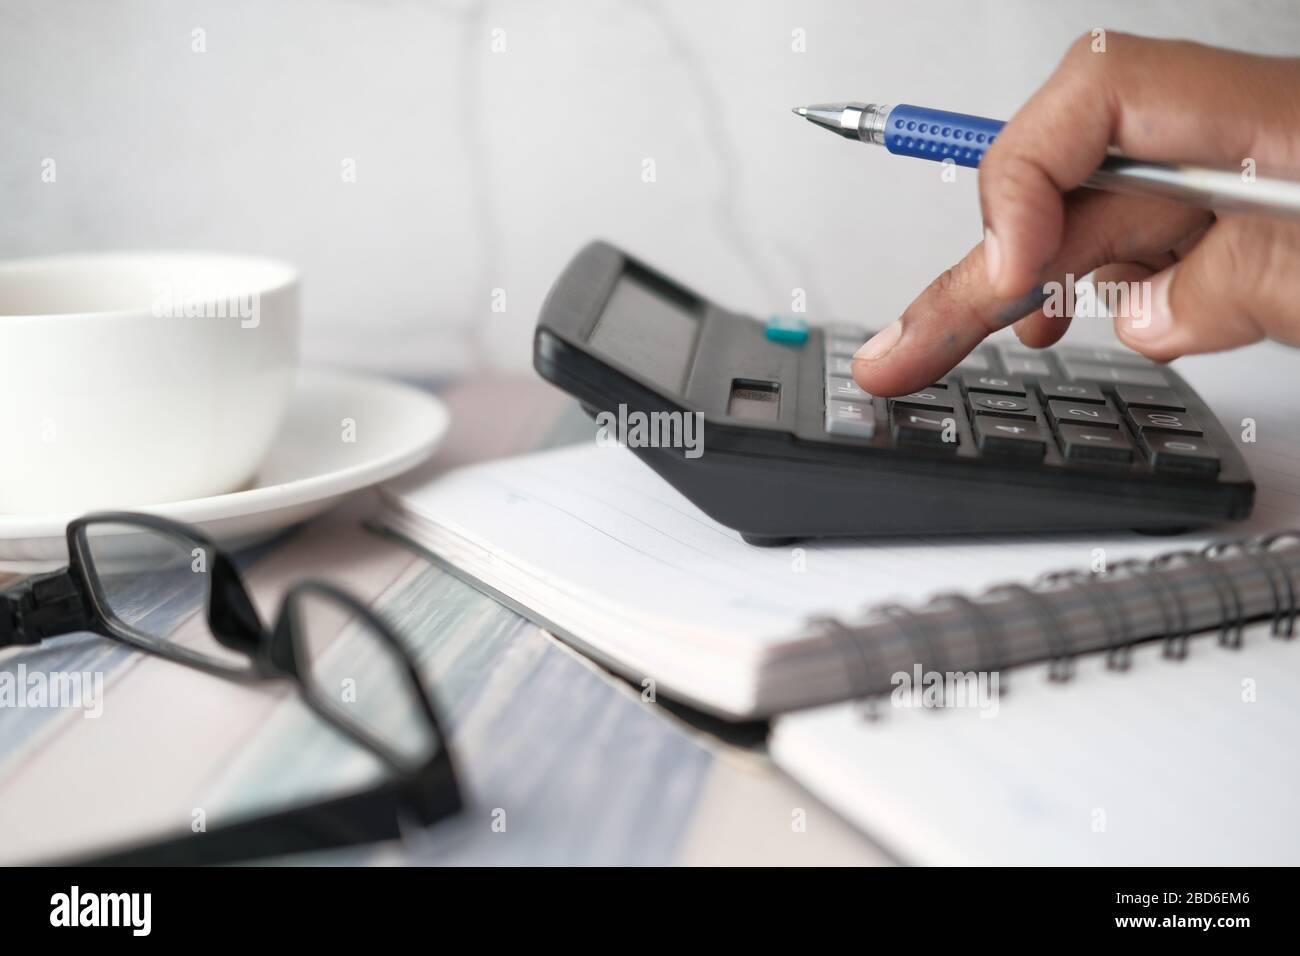 Primer plano de la mano de hombre utilizando la calculadora y el gráfico financiero sobre la mesa Foto de stock